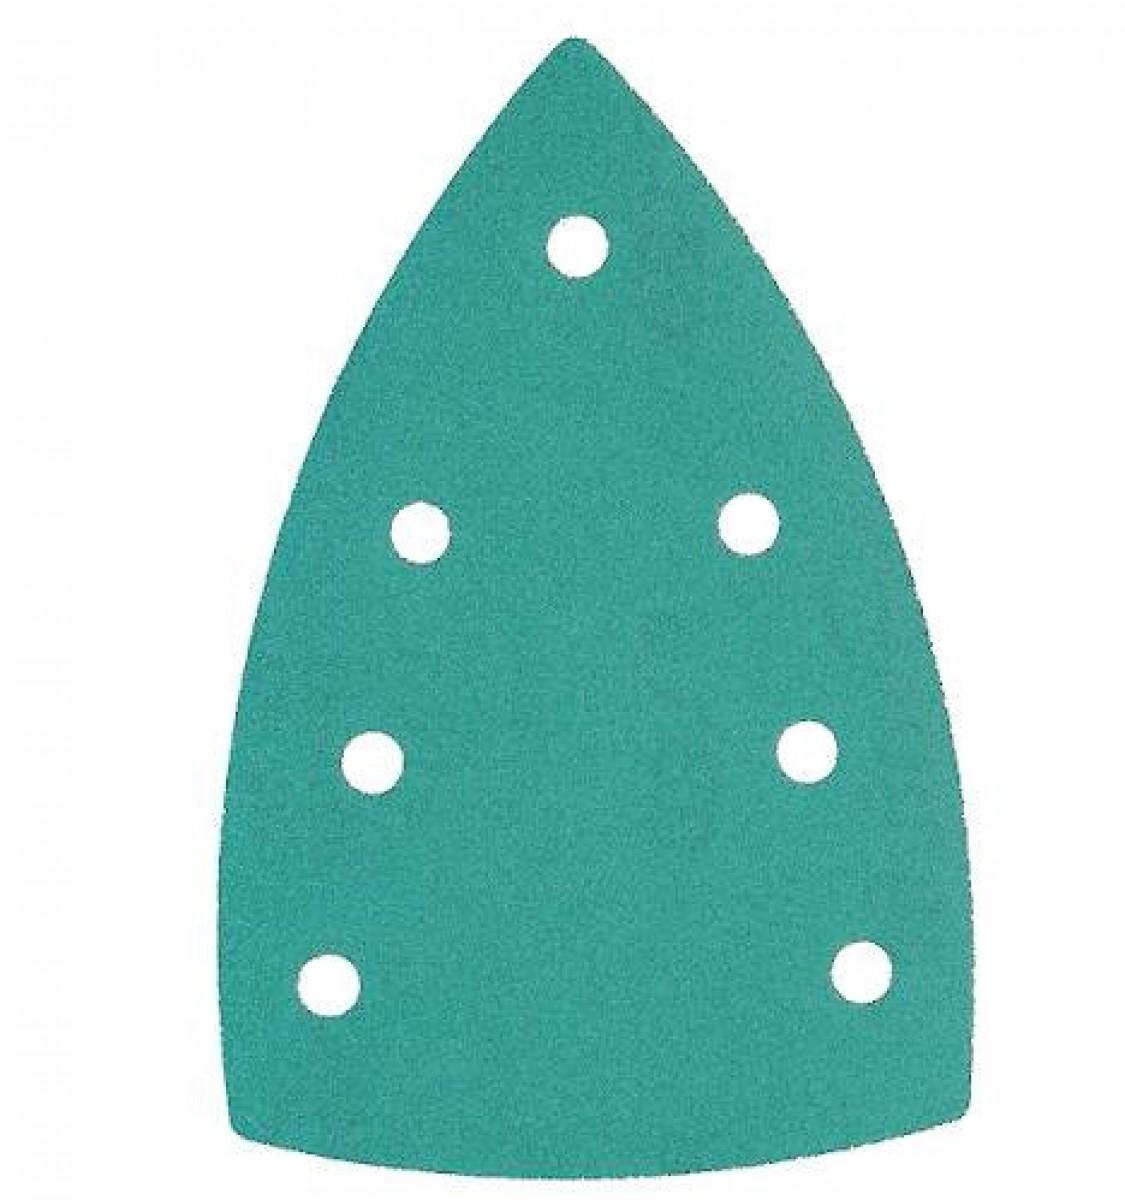 Sandpapir til trekantsliber 100x150mm 7 huller - 25 stk